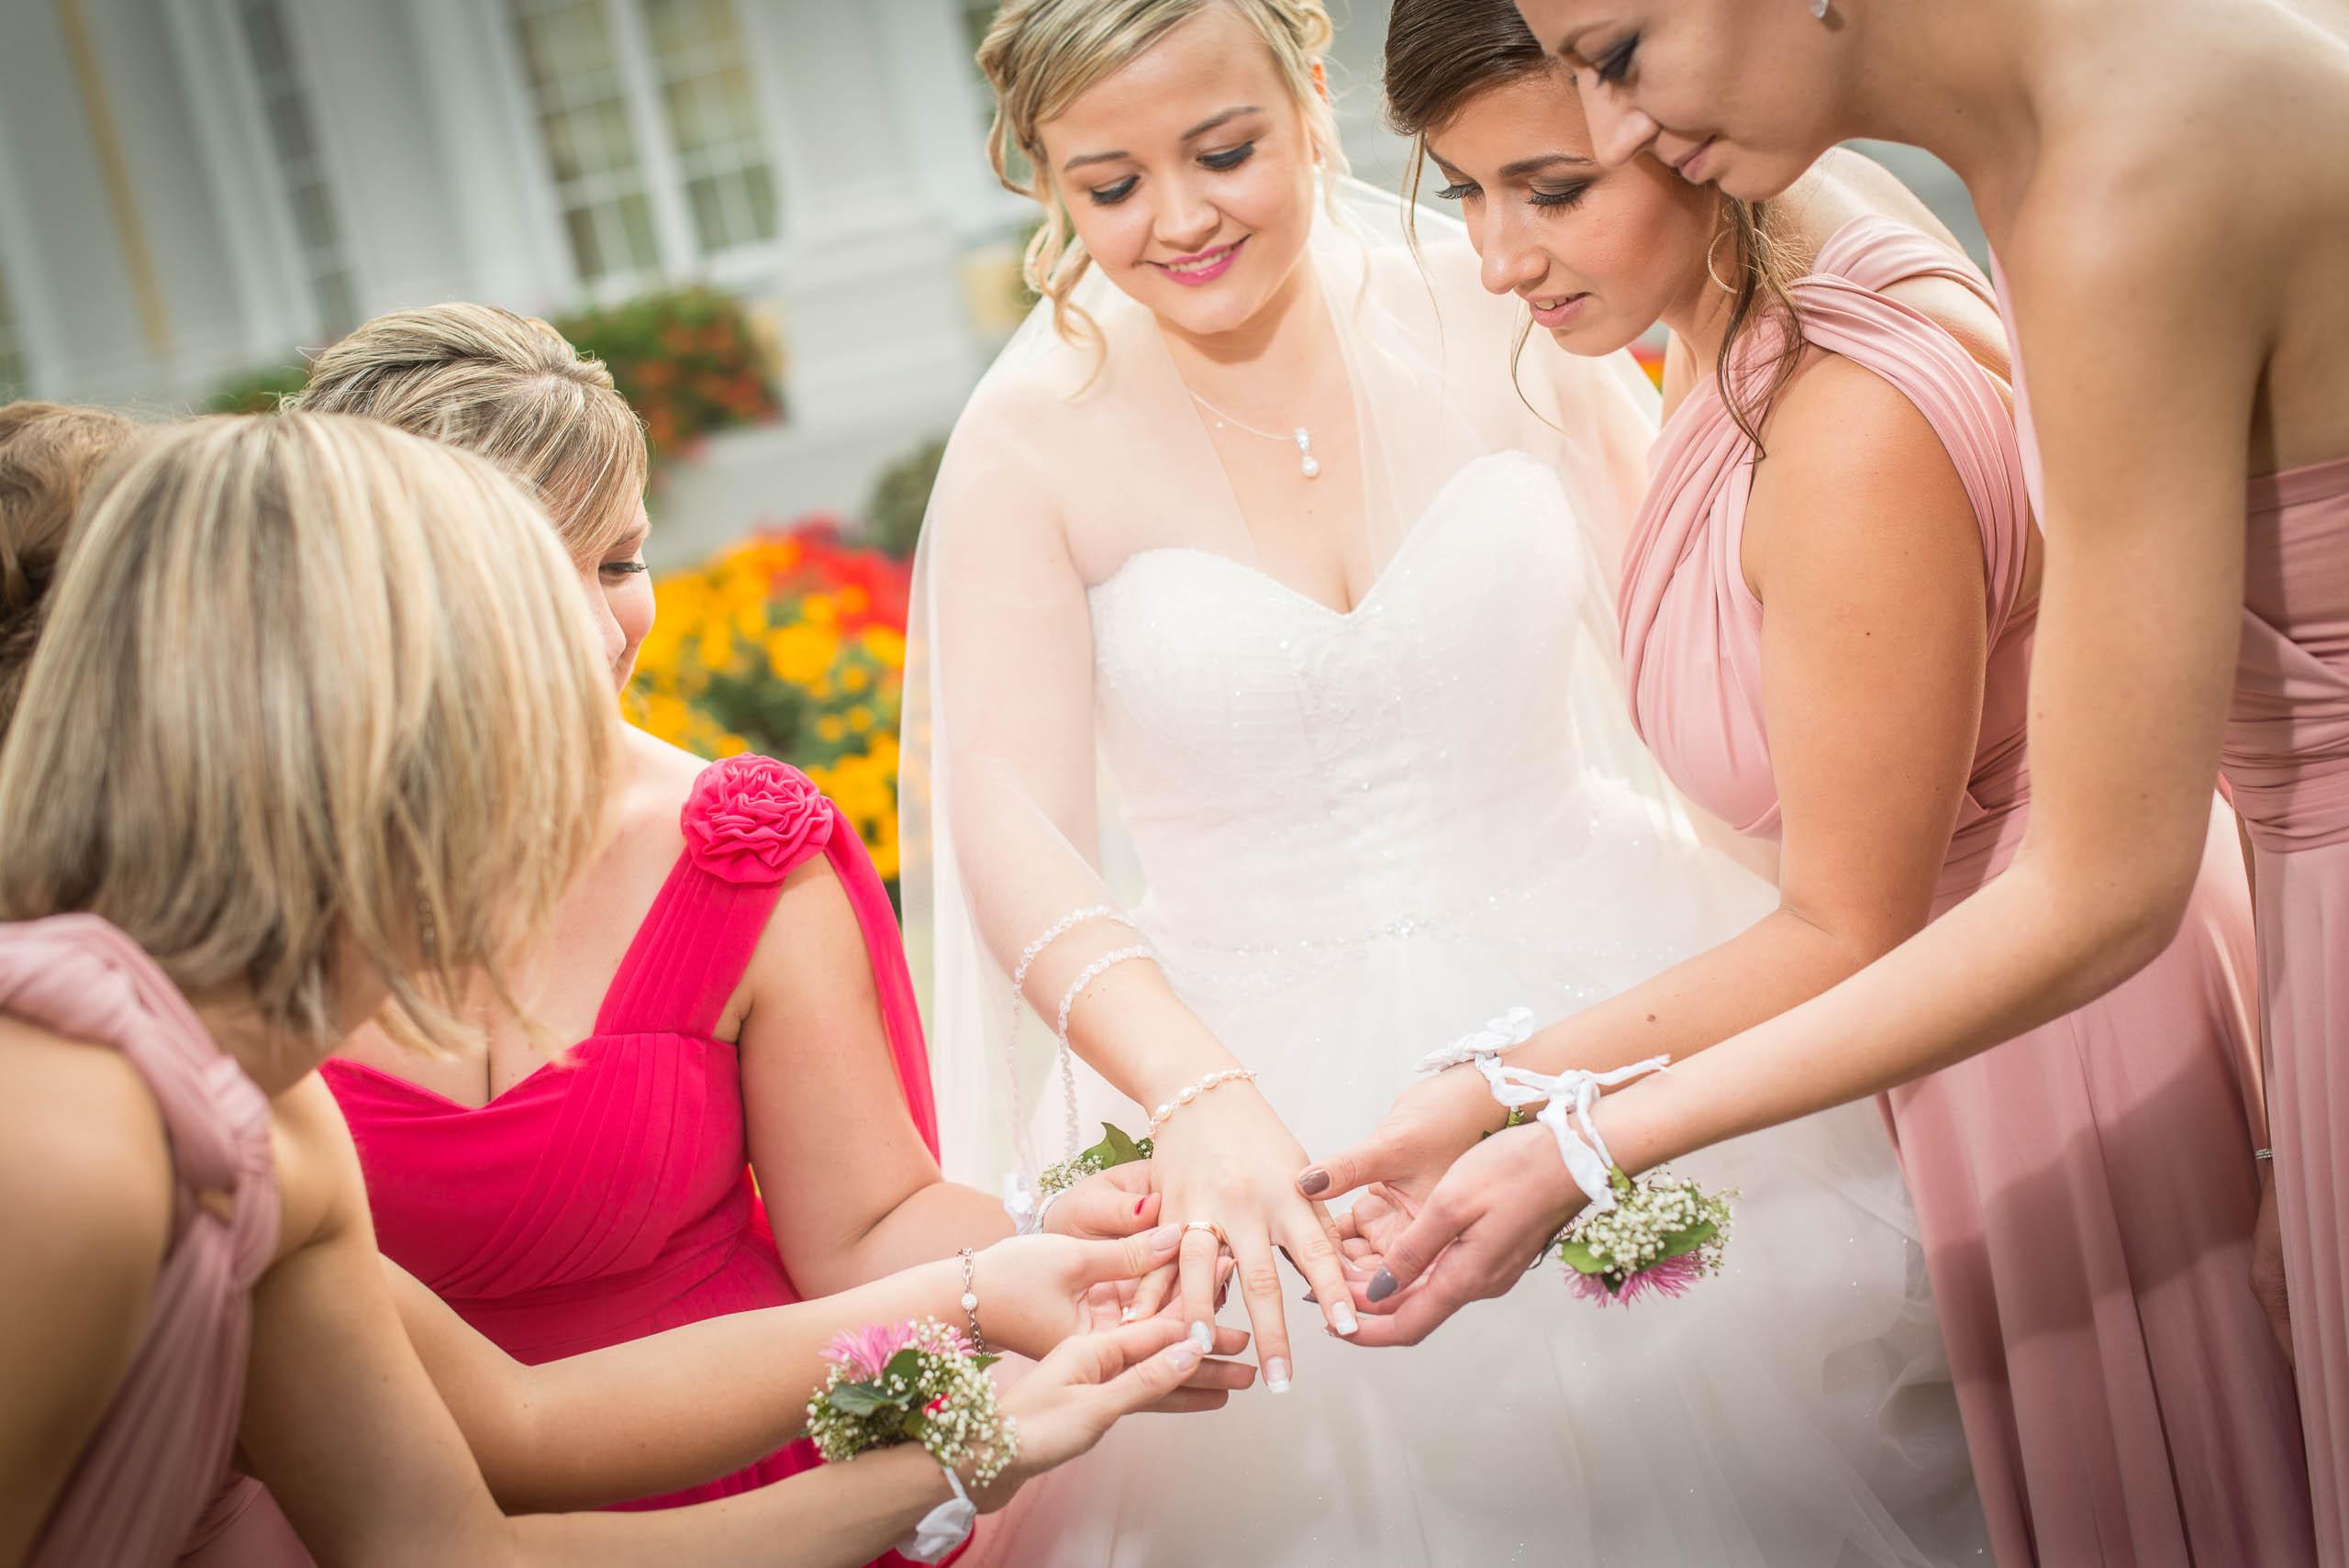 Braut zeit stolz den Brautjungfern ihren Ehering hochzeitsvideo hochzeitsfilm